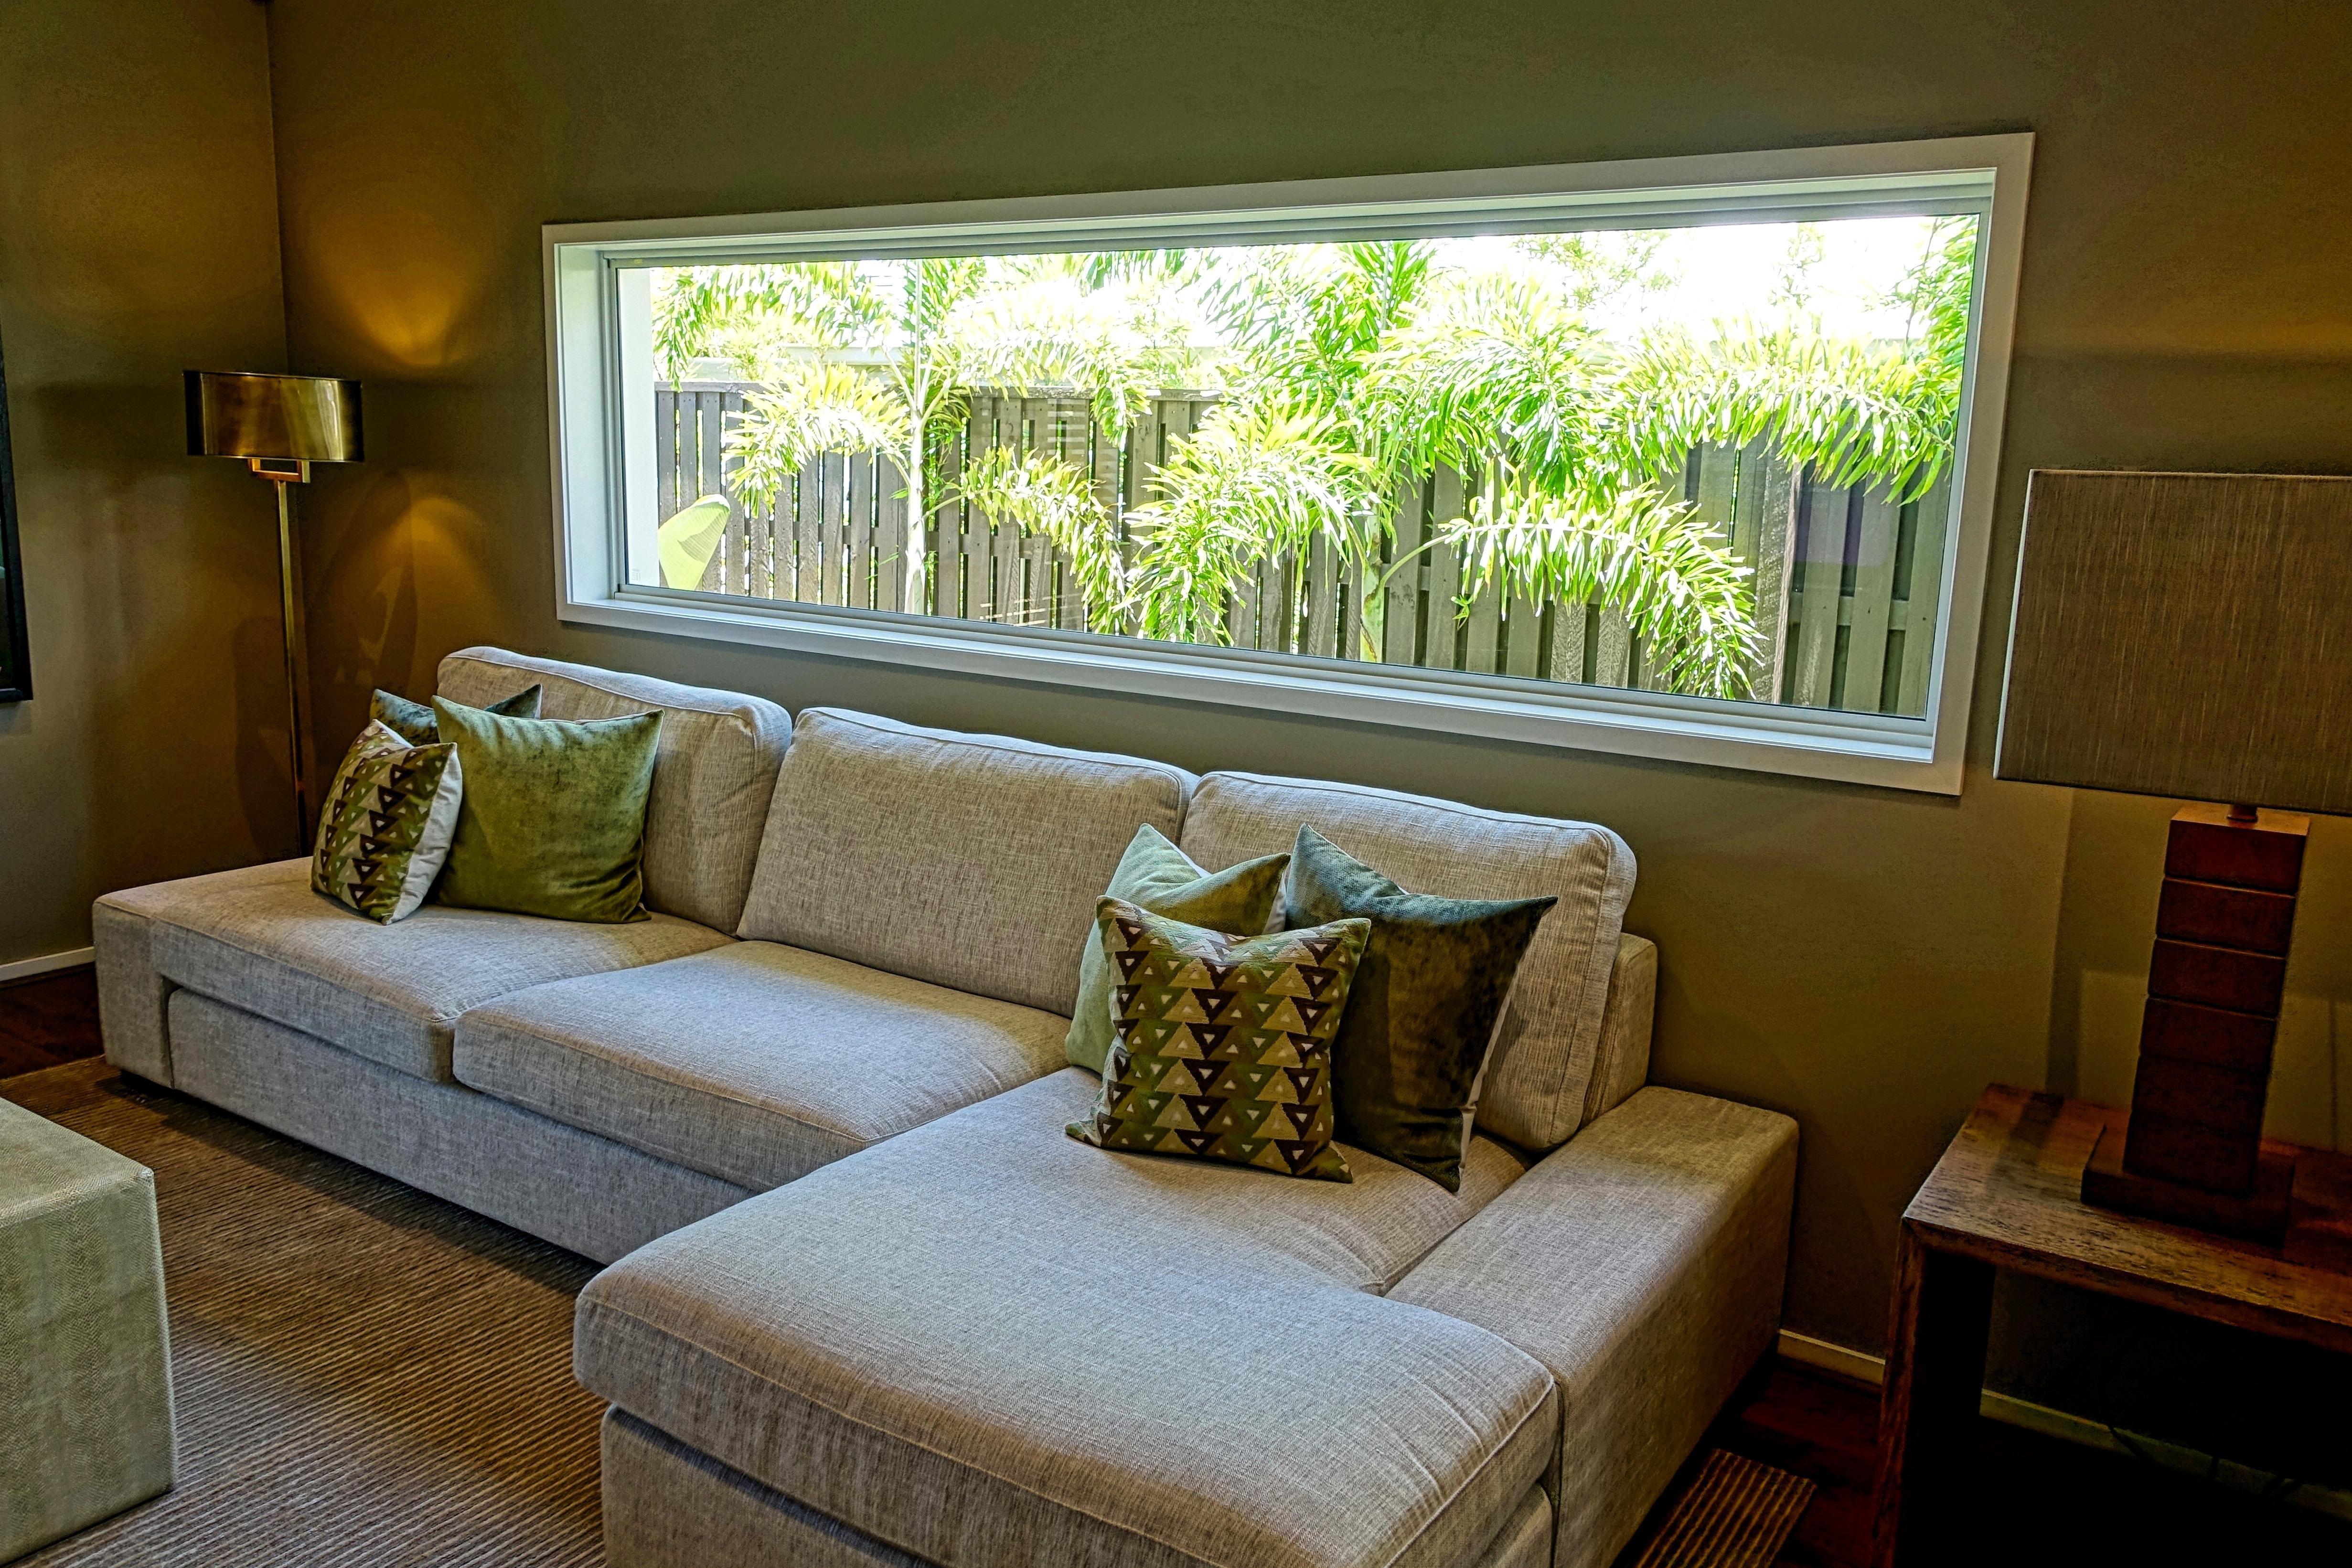 Kostenlose bild: möbel fenster haus haus sofa zimmer im haus